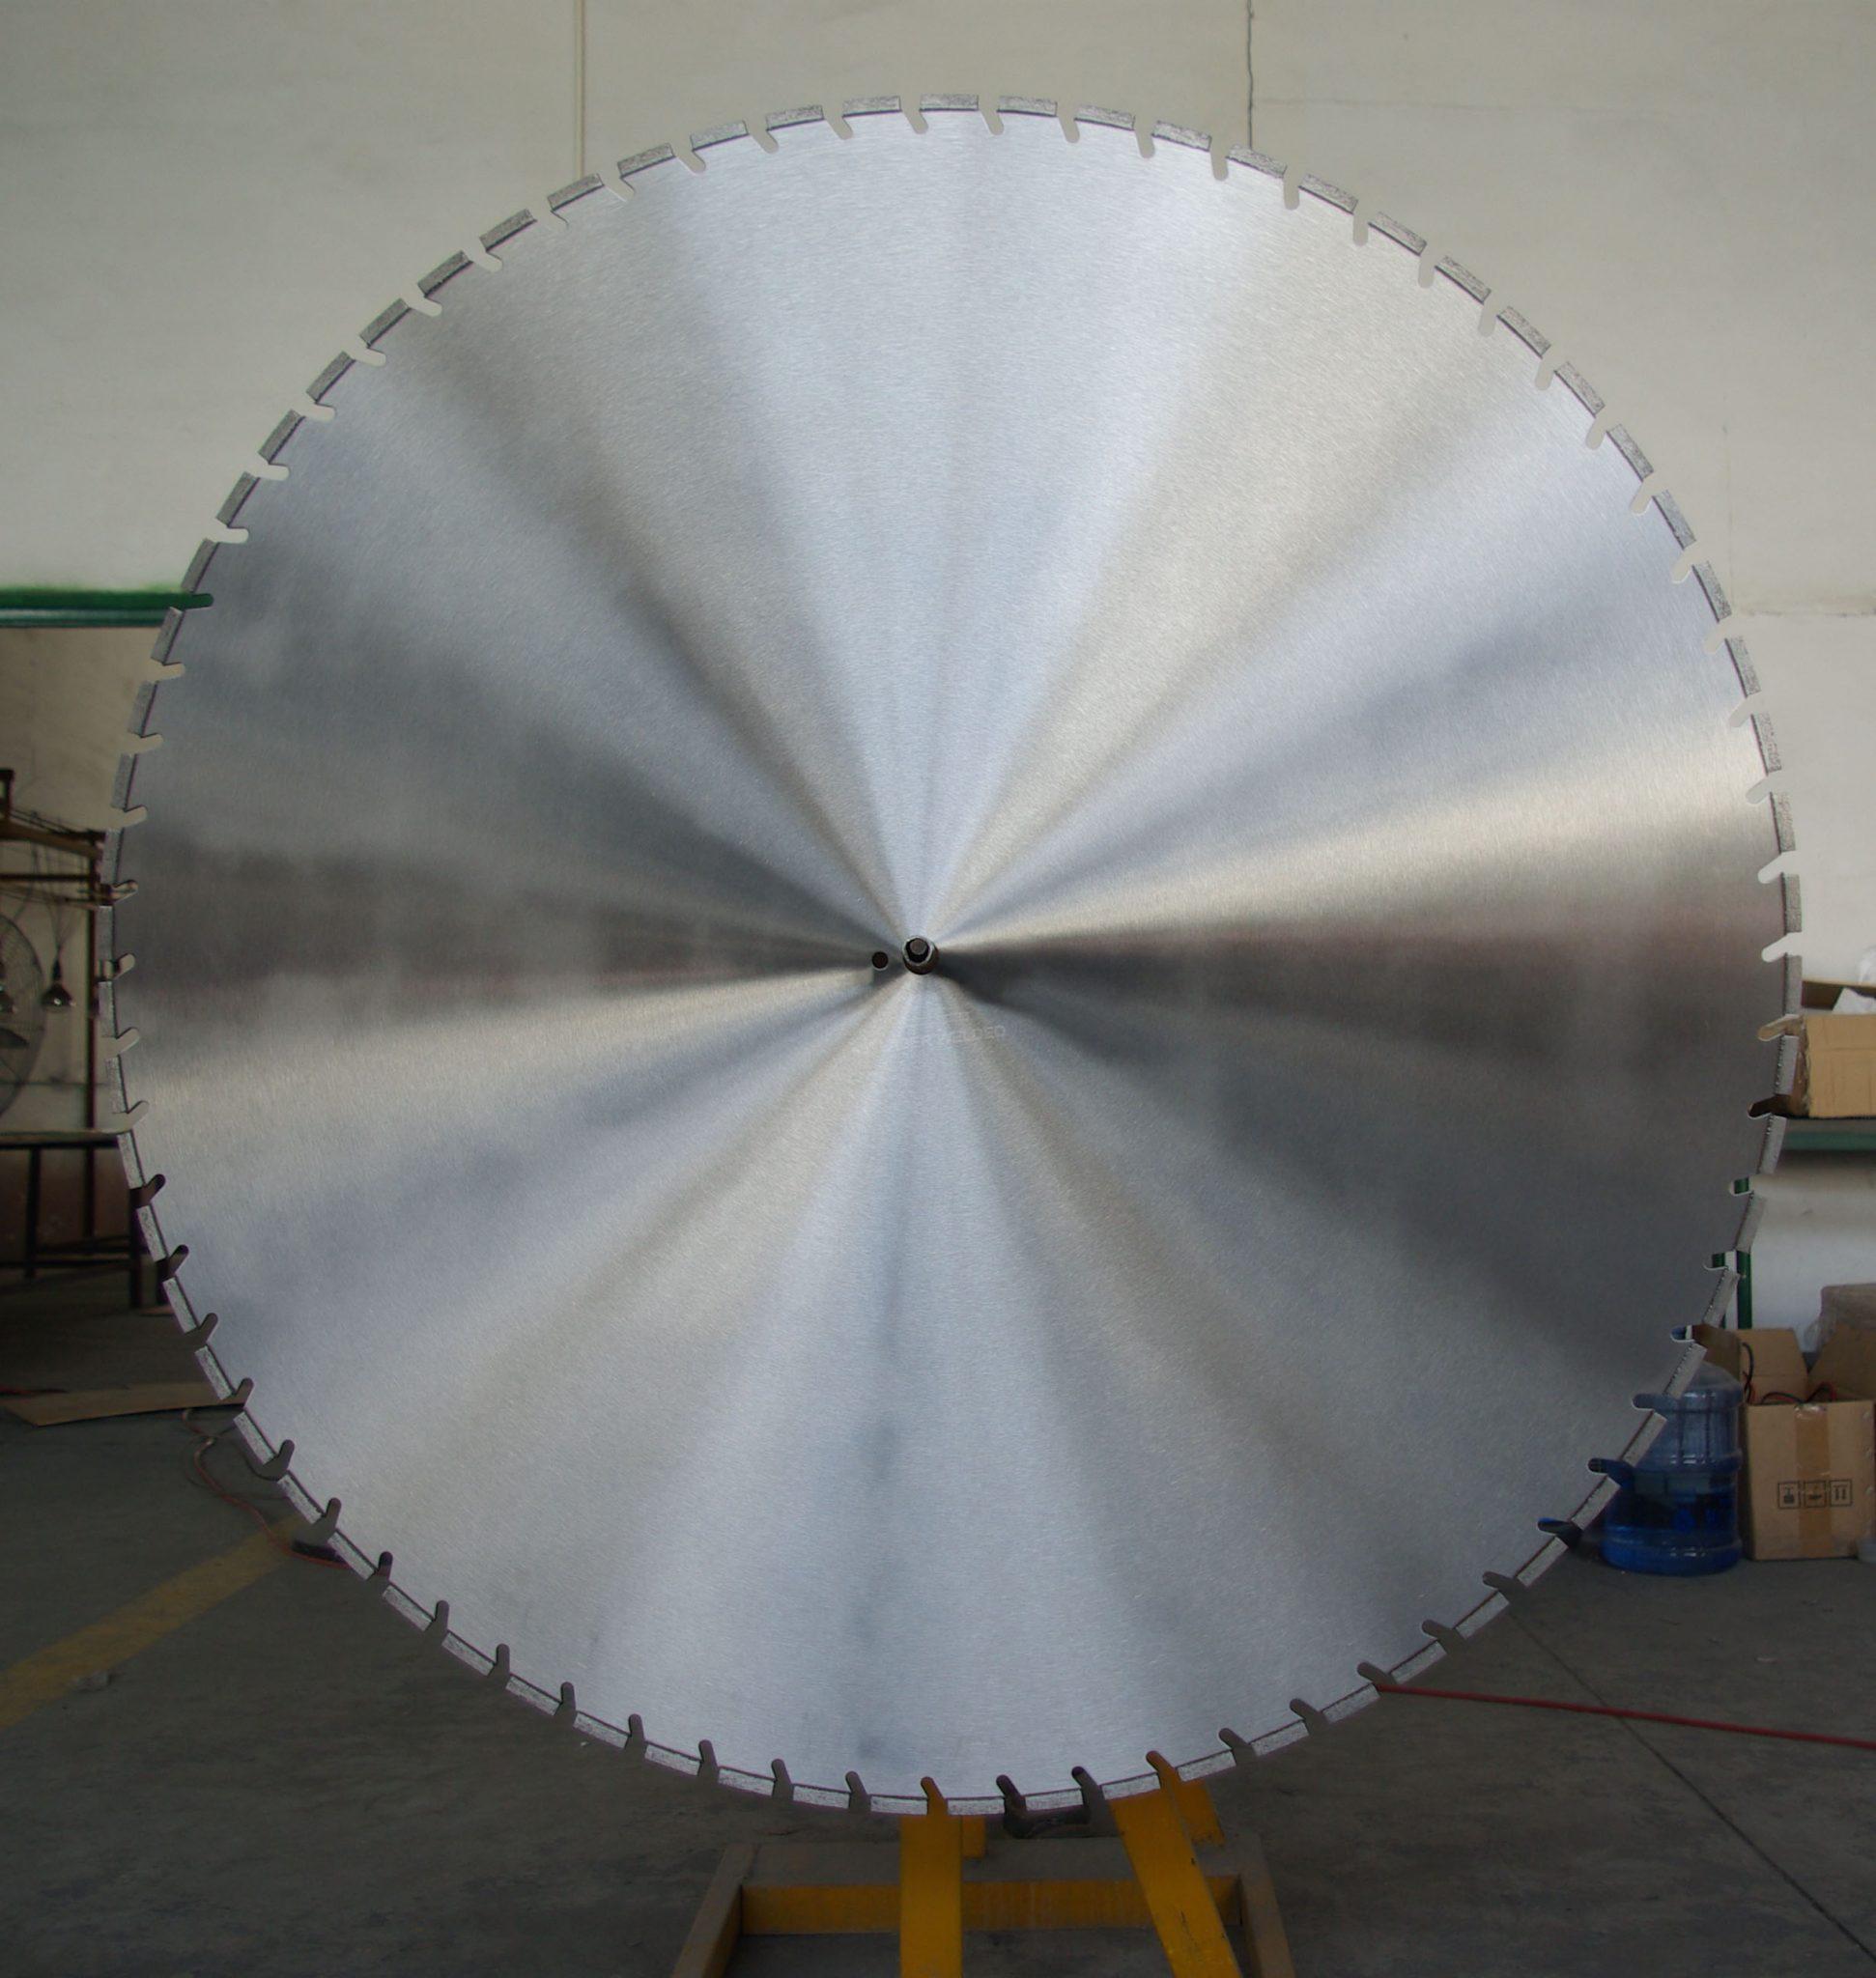 1200mm floor saw blade